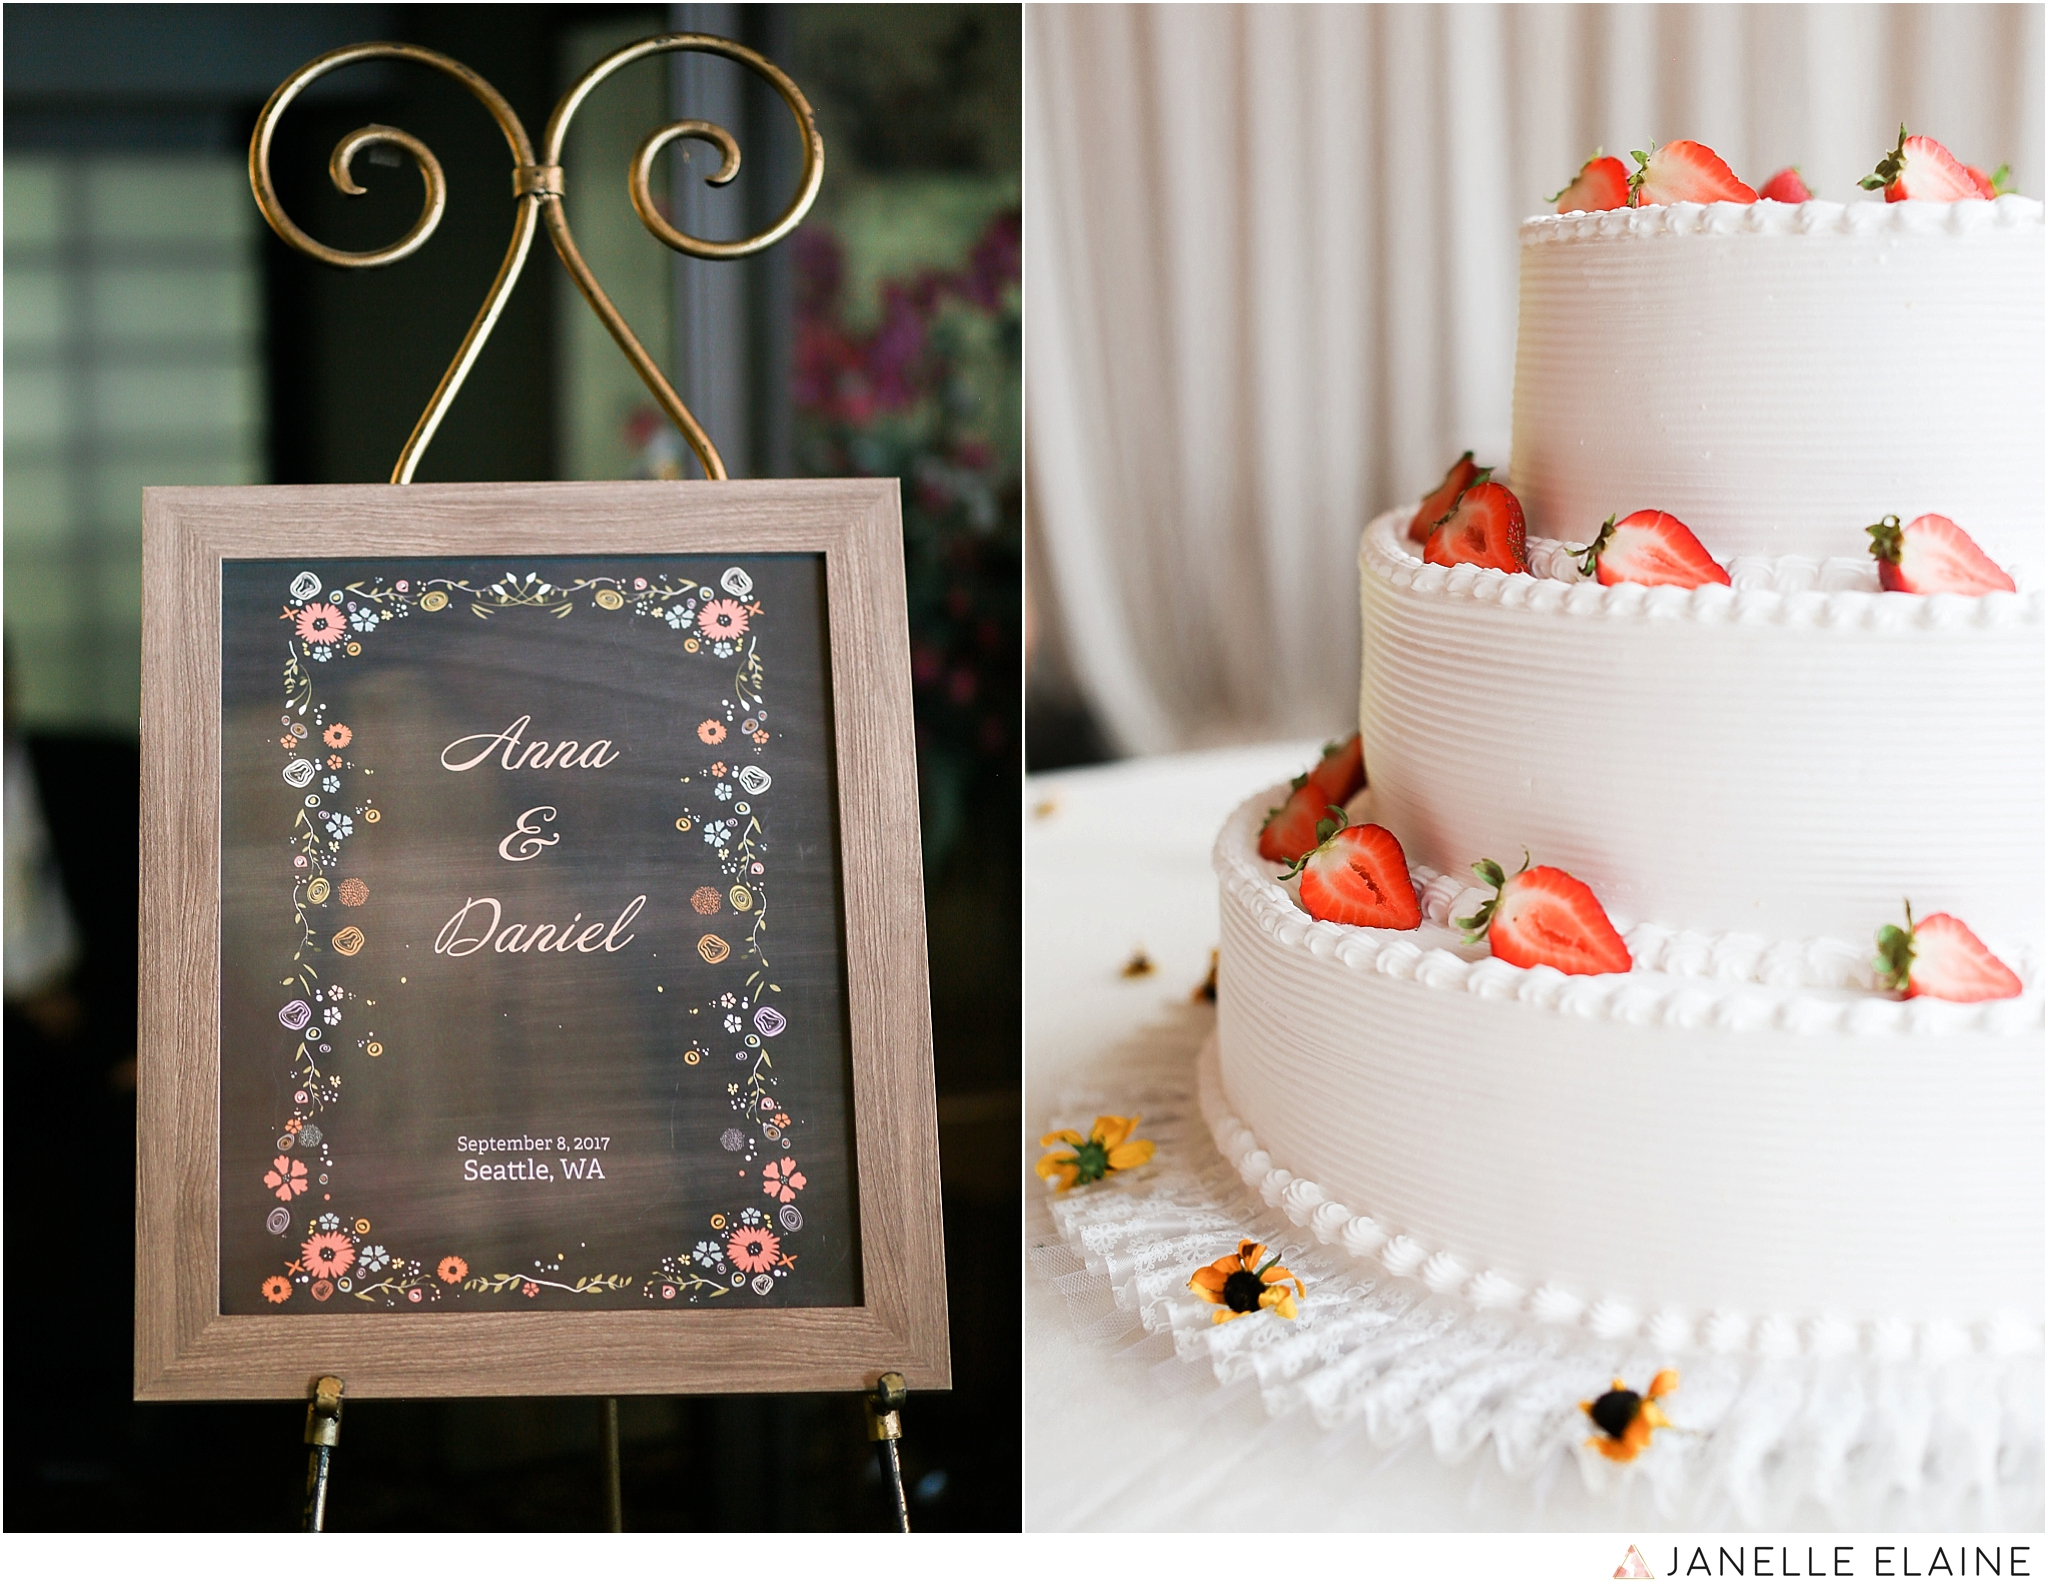 janelle elaine photography-professional wedding photographer seattle--95.jpg